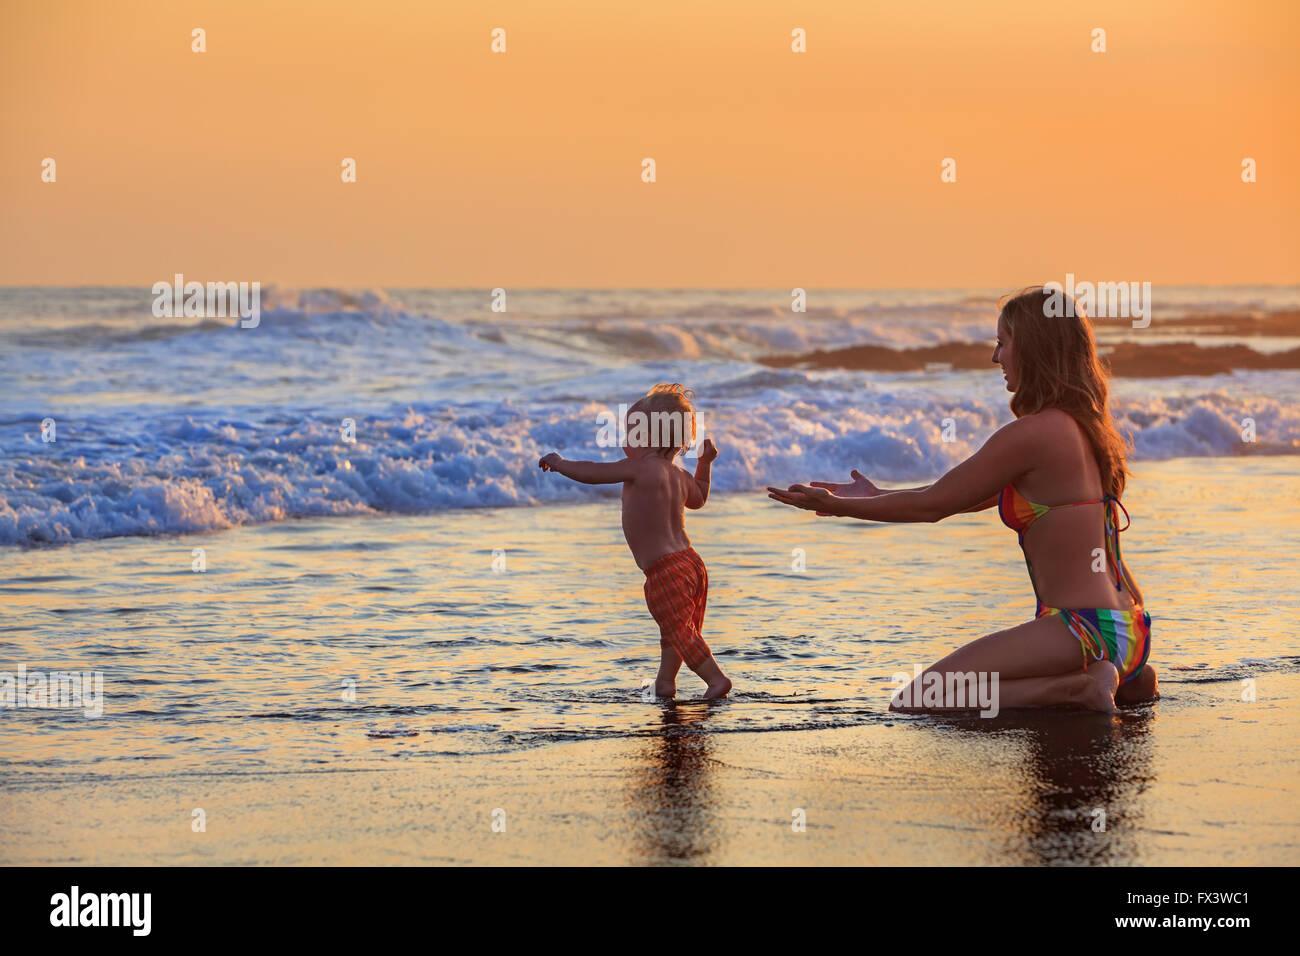 Famiglia divertenti nuotate in mare beach surf felice madre e figlio bambino prima fase - bambino correre a onda Immagini Stock